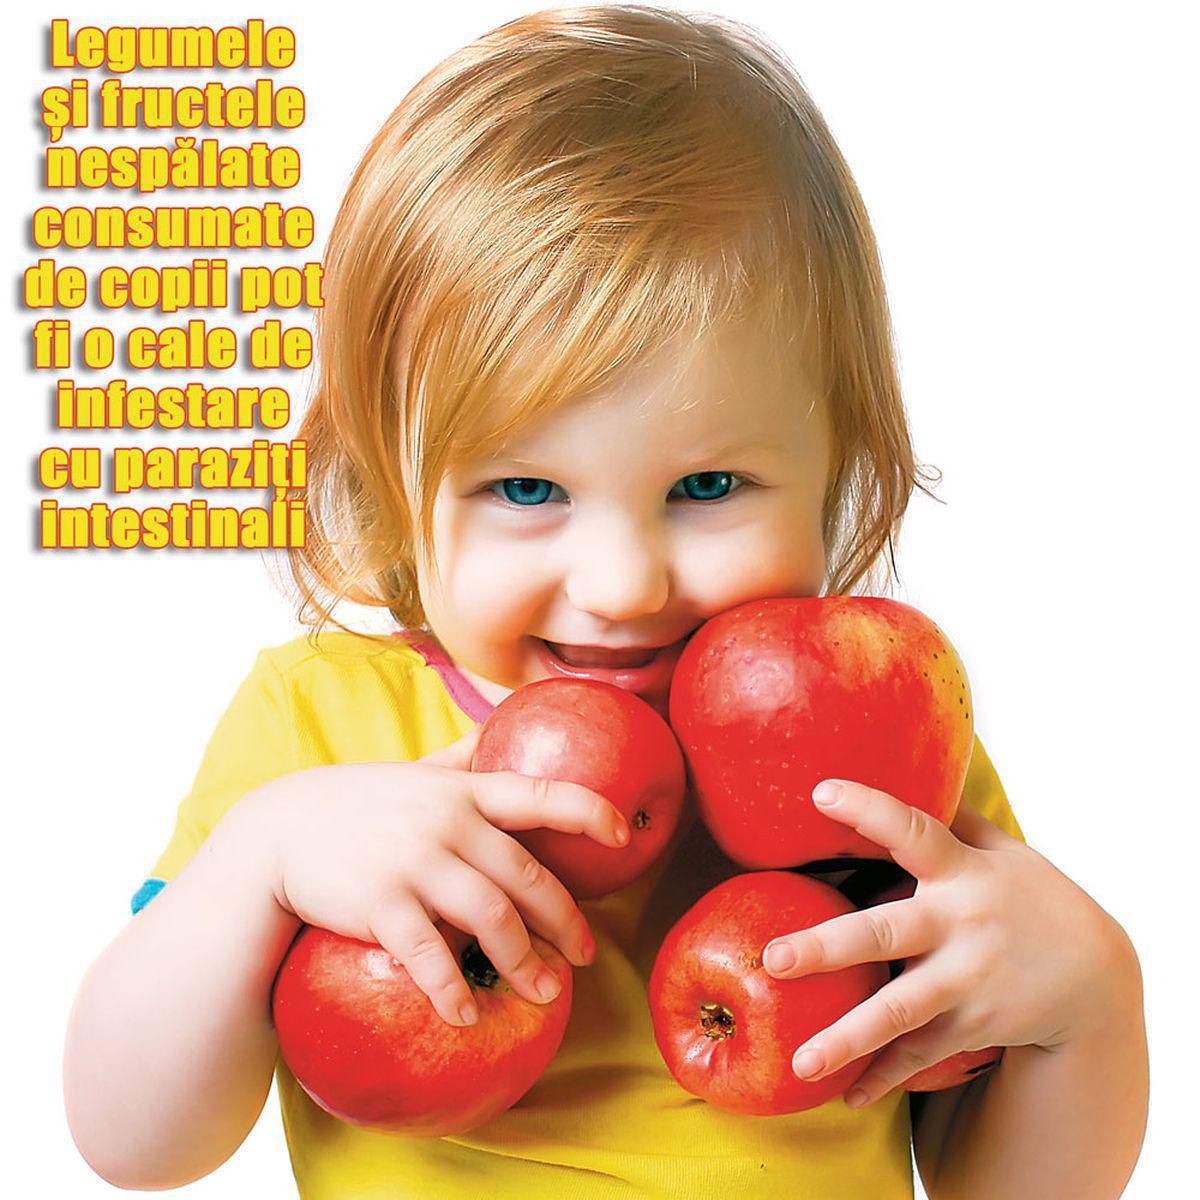 Infecții helmintice mixte - Infecții helmintice tratament cu giardioză acută